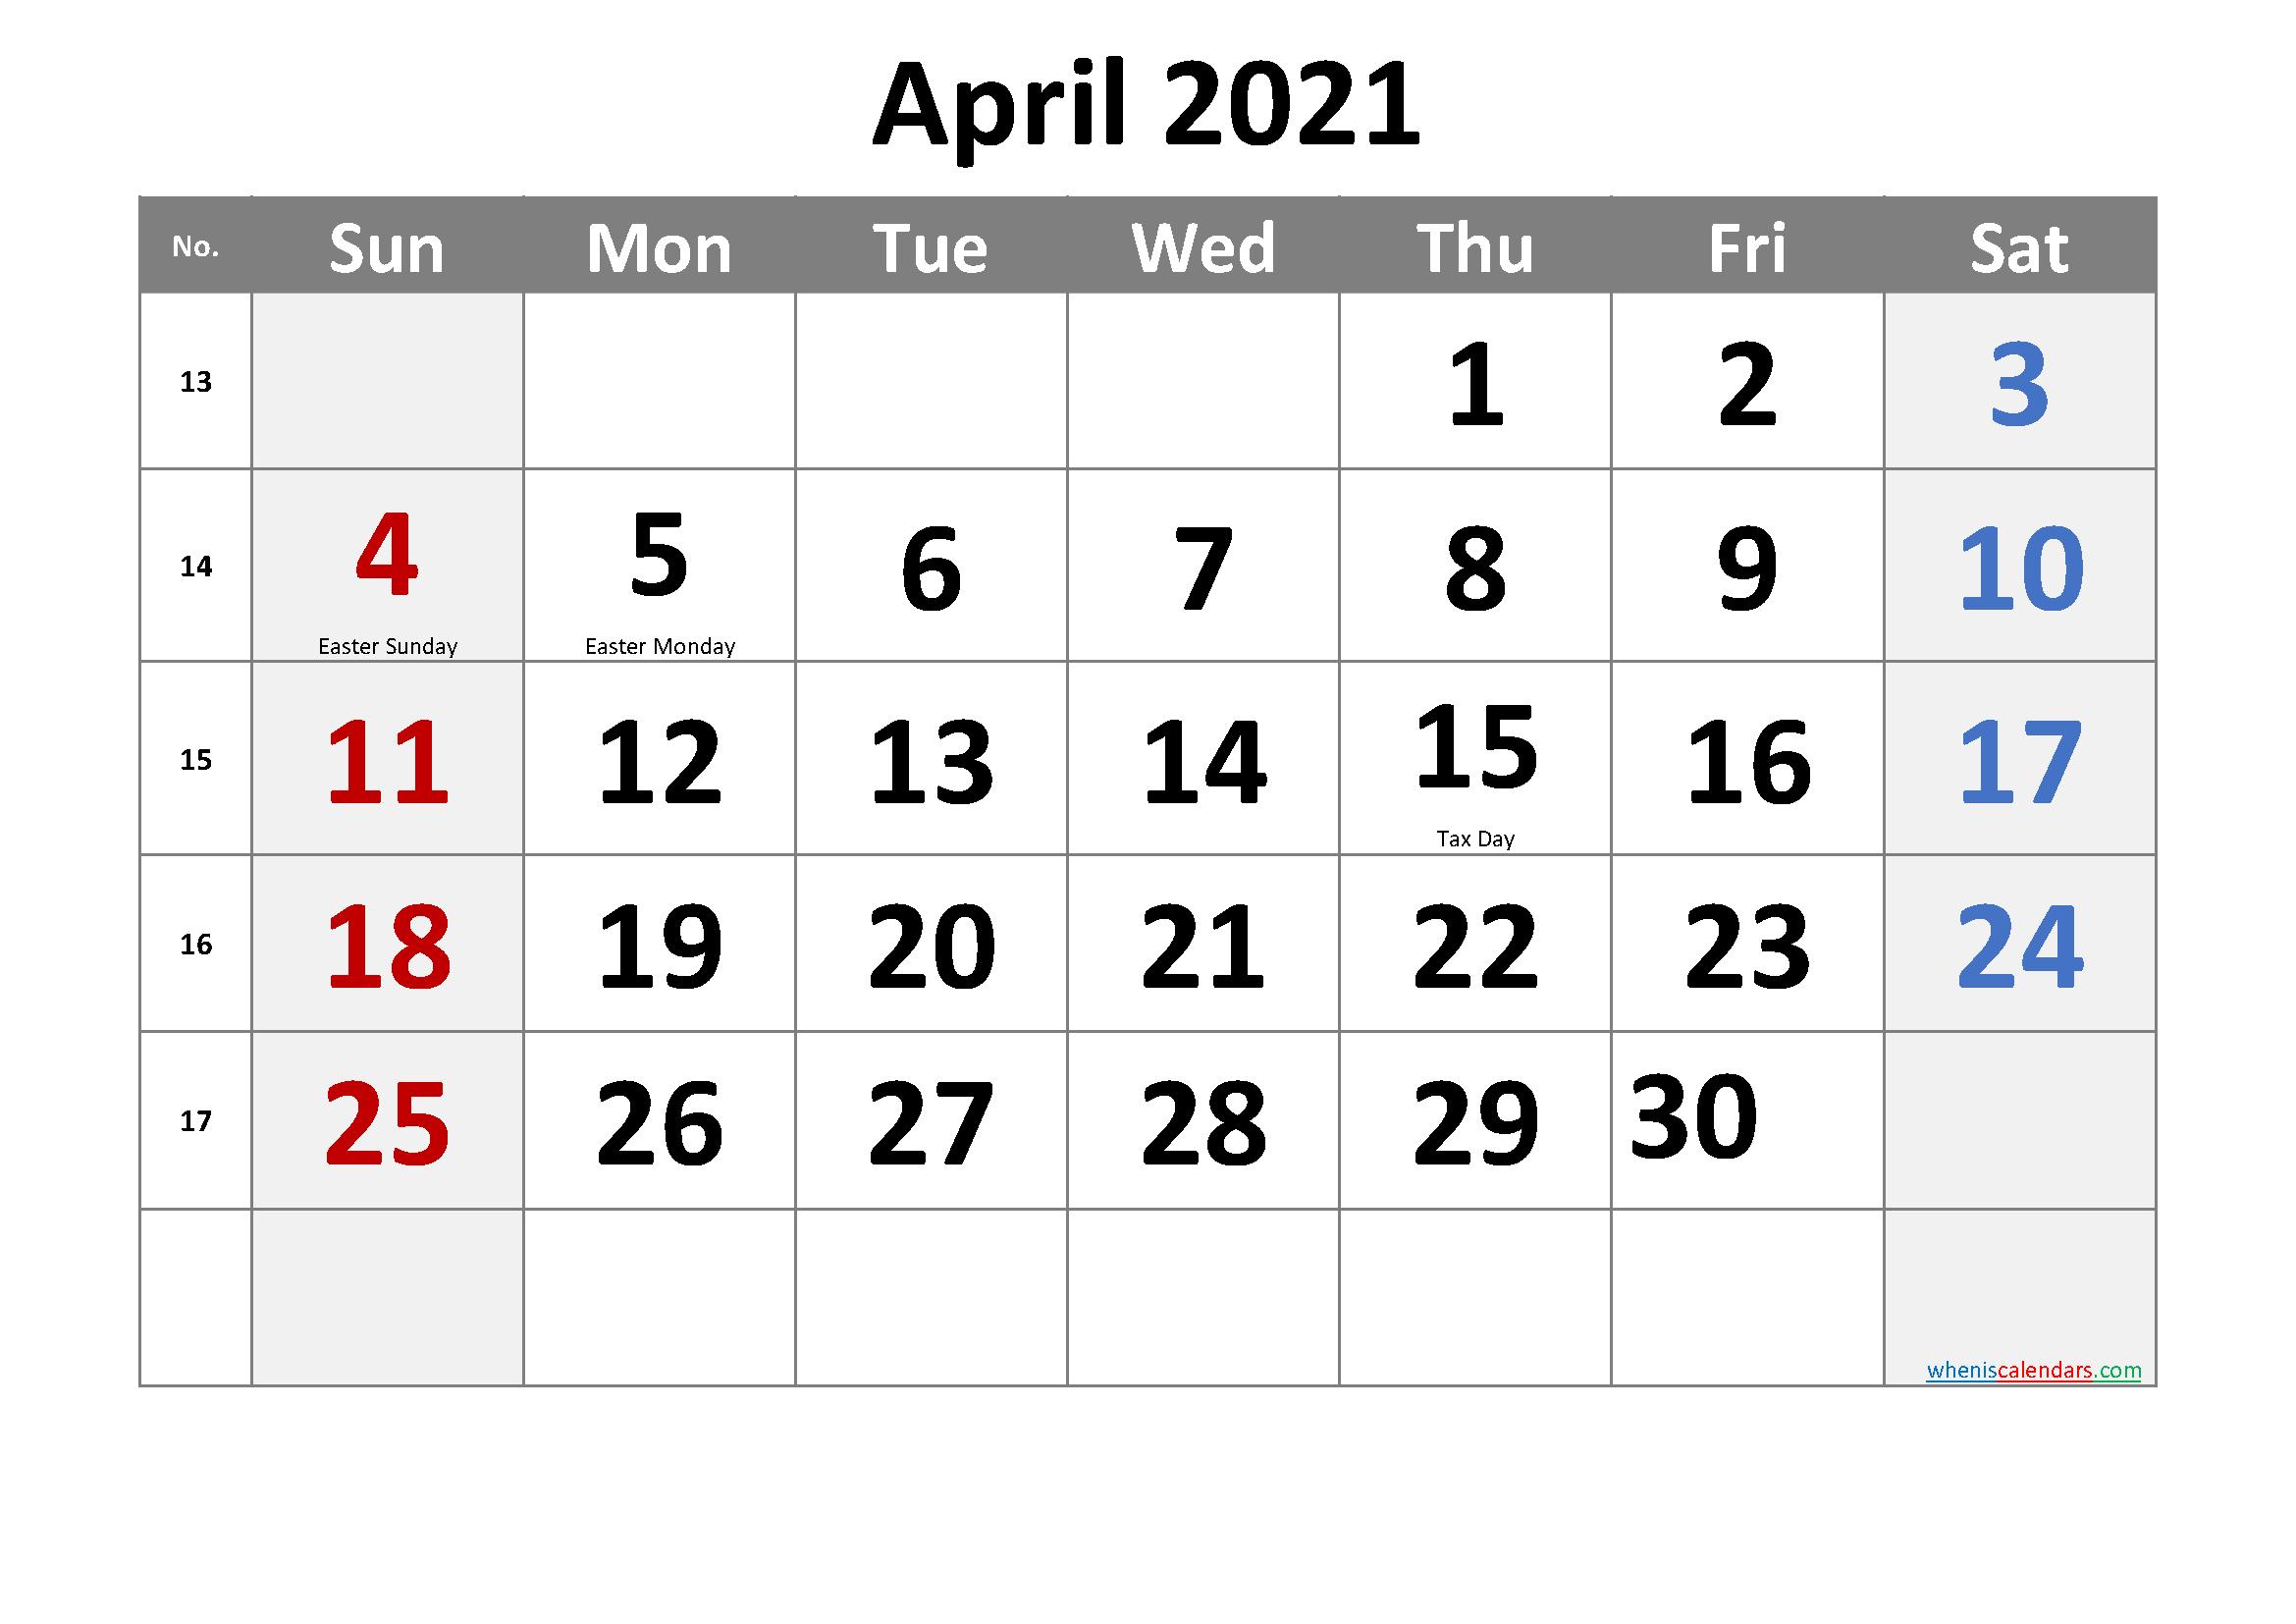 Calendar April 2021 With Holidays